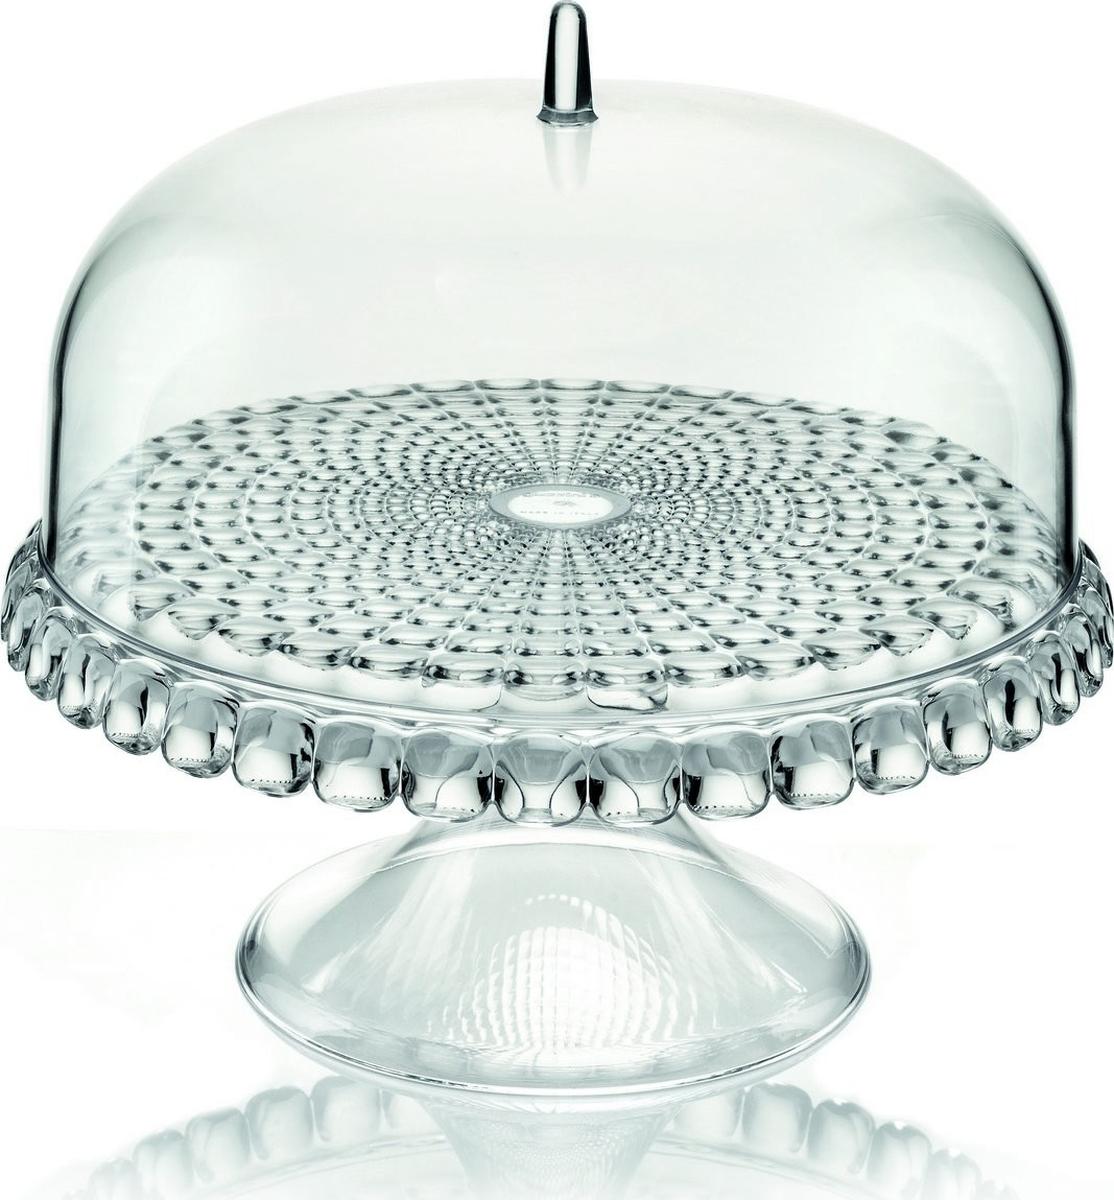 Тортовница Tiffany с прозрачной крышкой в форме купола украсит любой праздничный стол или чаепитие на открытом воздухе. Дизайн предмета отличается оригинальной рельефной формой, которая в сочетании с прозрачным материалом заставляет поверхность сверкать и переливаться на свету.Тортовница идеально подойдет для подачи выпечки, сладостей, закусок и, конечно, тортов. Крышка защитит продукты от заветривания, насекомых и других внешних факторов, что особенно важно для сервировки на свежем воздухе.Диаметр - 30 см. Изготовлена из высококачественного органического стекла, устойчивого к износу и повреждениям. Не содержит вредных примесей и бисфенола-А. Моется вручную.